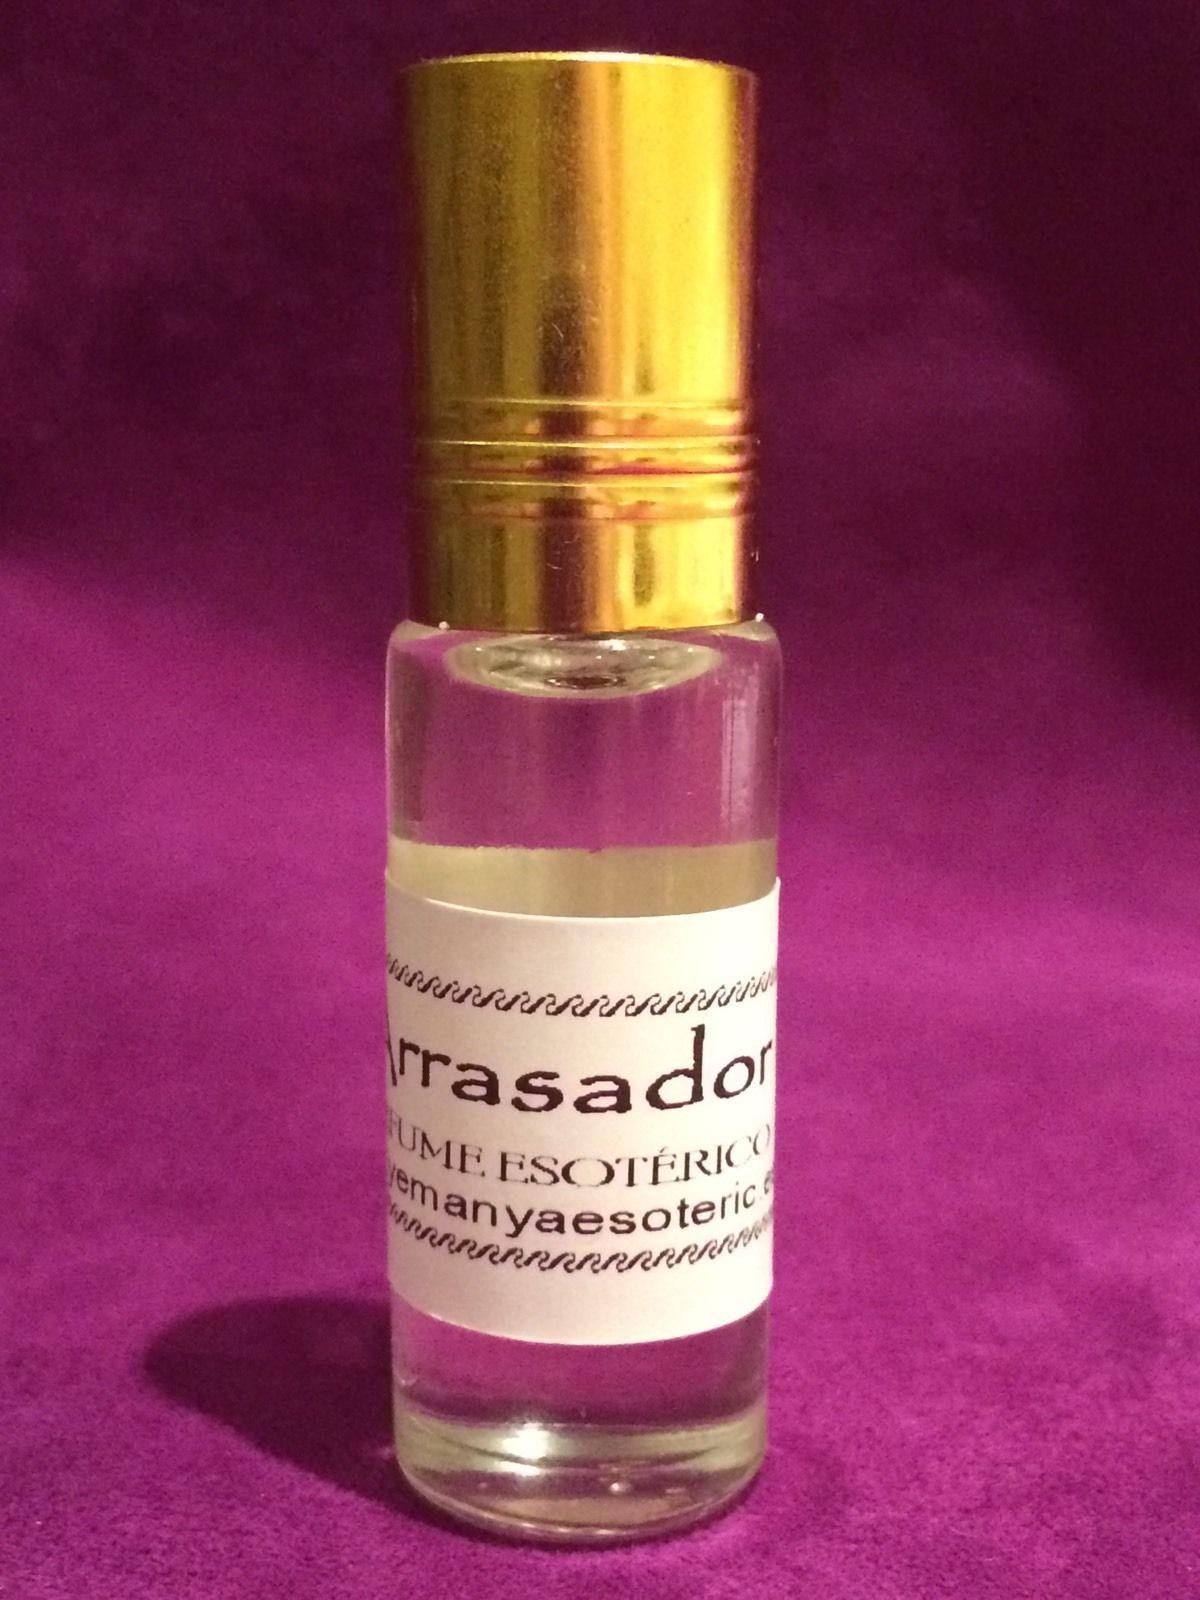 PERFUME ESOTERICO ARRASADOR 5 ml